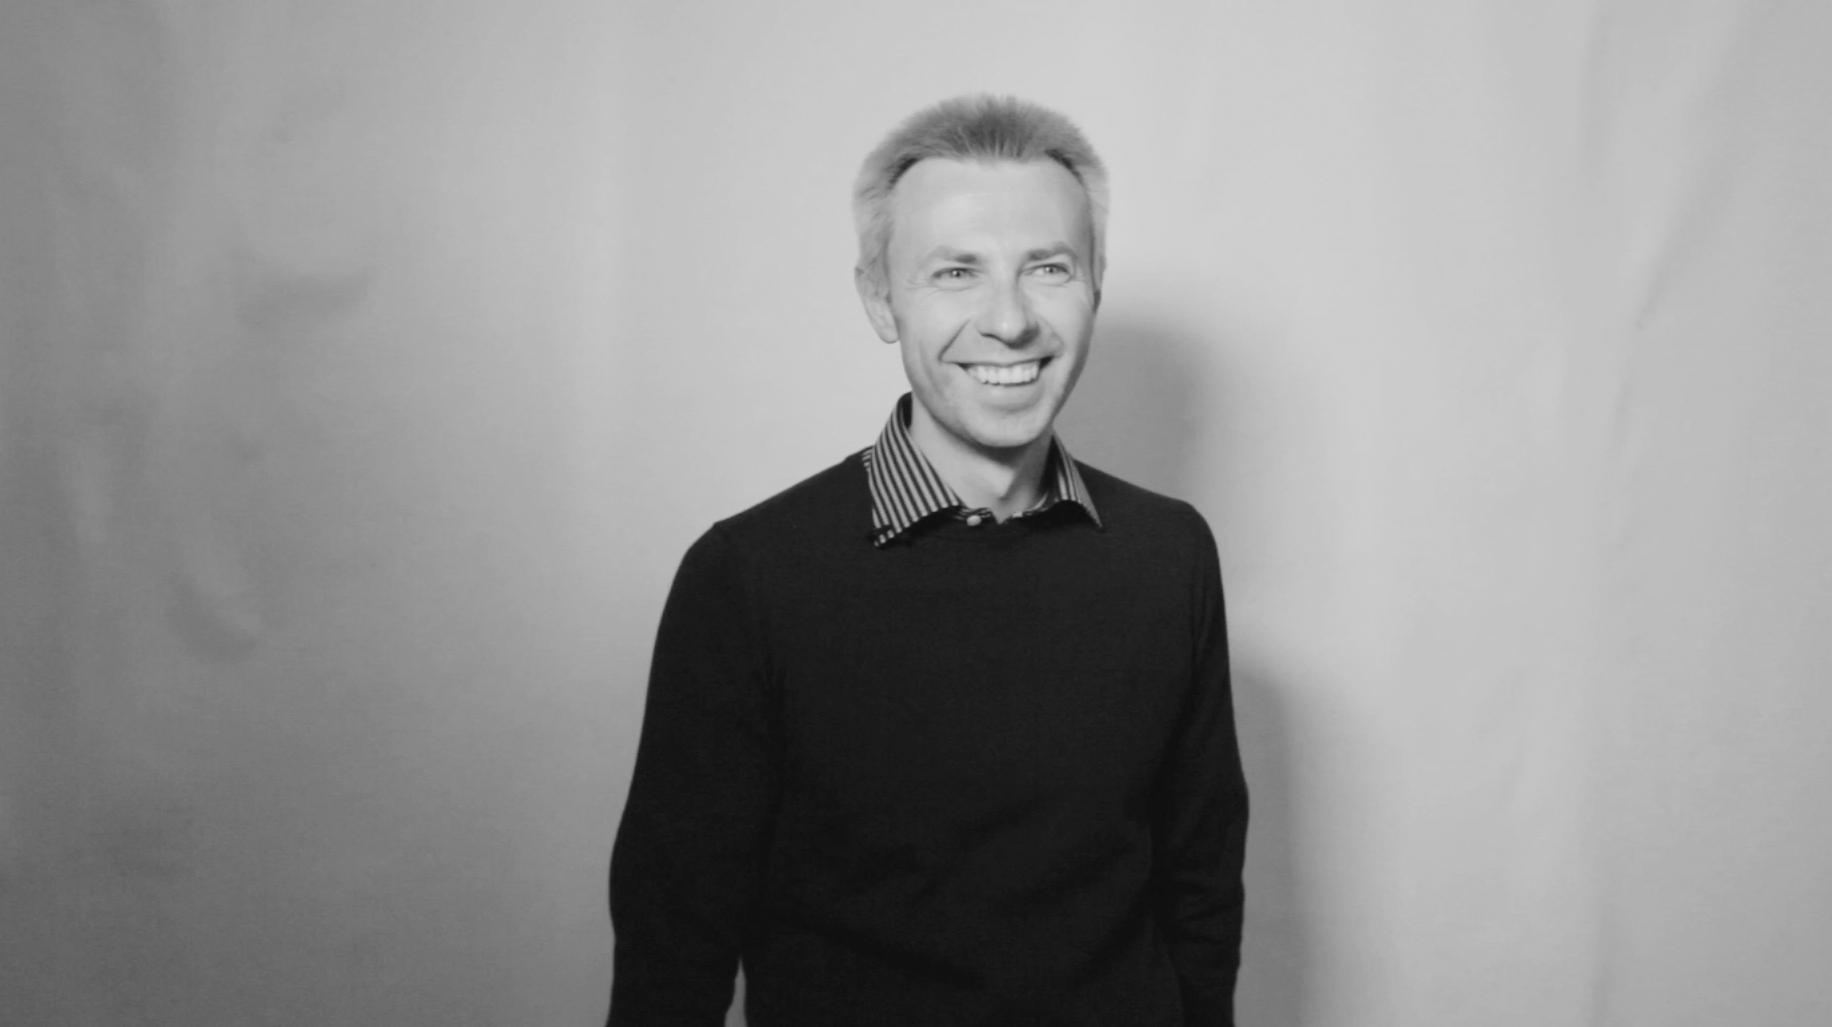 «Лидером может быть любой человек», —предприниматель Илья Перекопский поздравляет Forbes